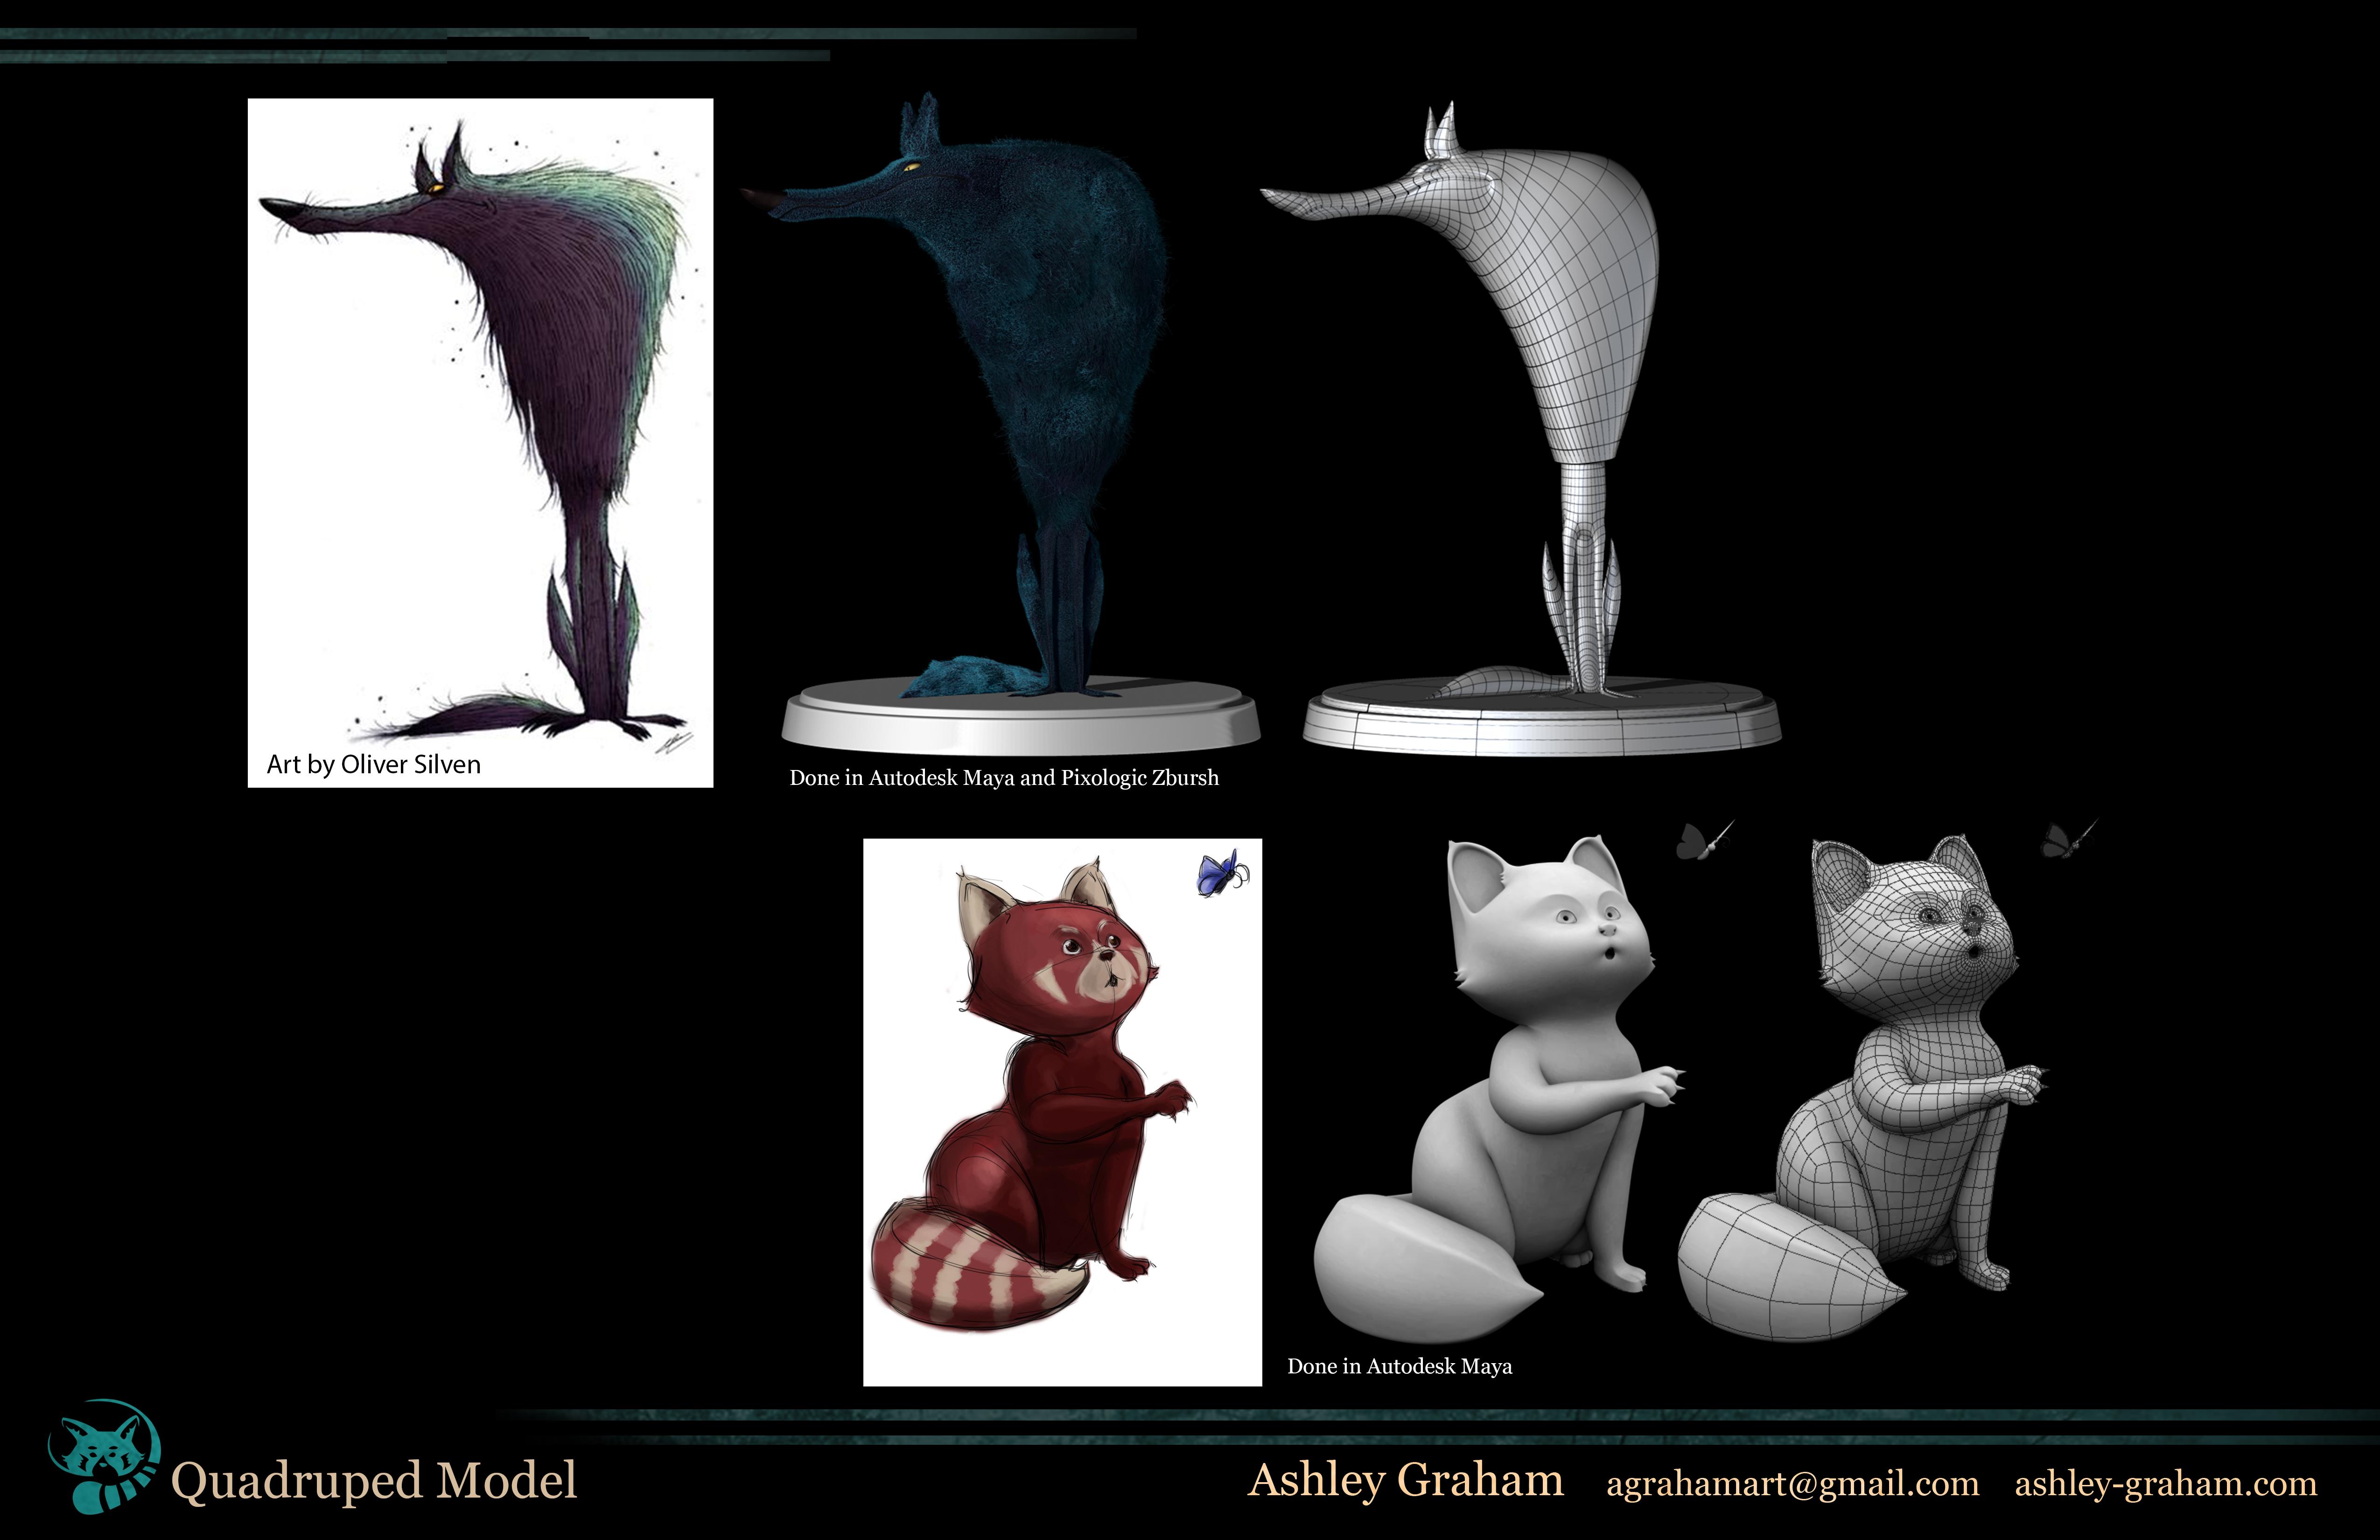 Quadruped models